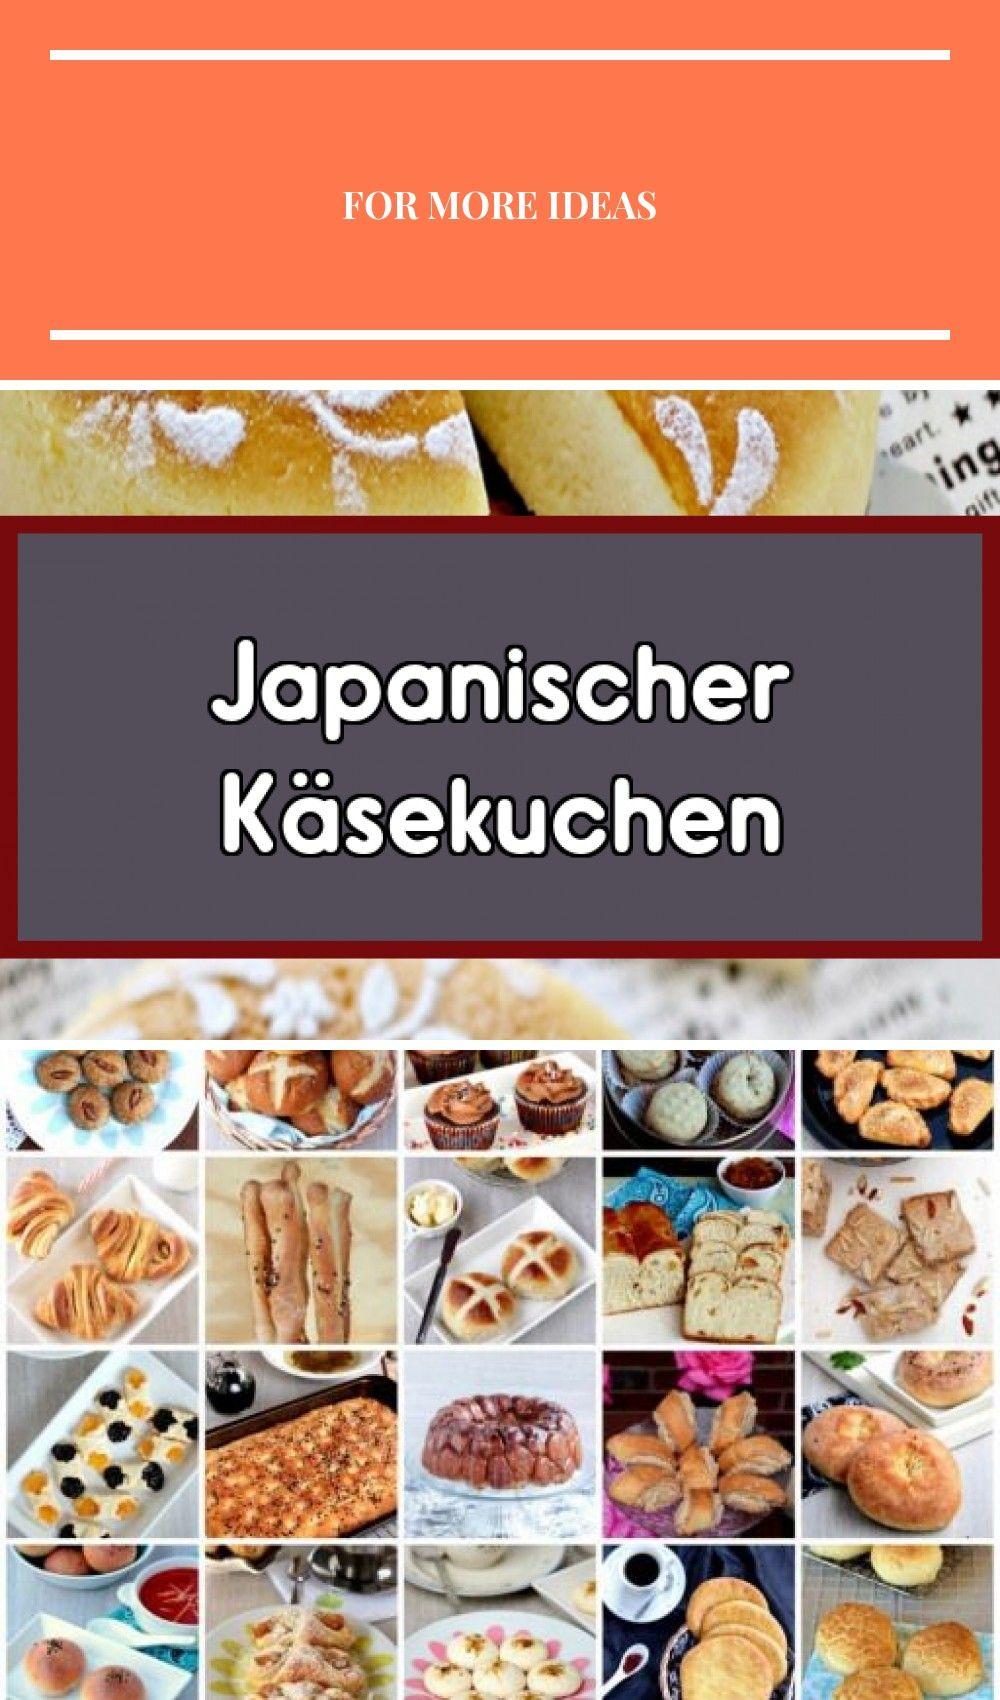 Japanischer Käsekuchen ist der einfachste Kuchen der Welt! Warum? Traditioneller japanese Cheesecake besteht nur aus drei Zutaten & ist ruckzuck gebacken. Dass er ein kleines Tänzchen tanzt liegt an seiner Fluffigkeit die er einer Extra-Portion Ei zu verdanken hat. Weltküche Japanischer Käsekuchen #japanischerkäsekuchen